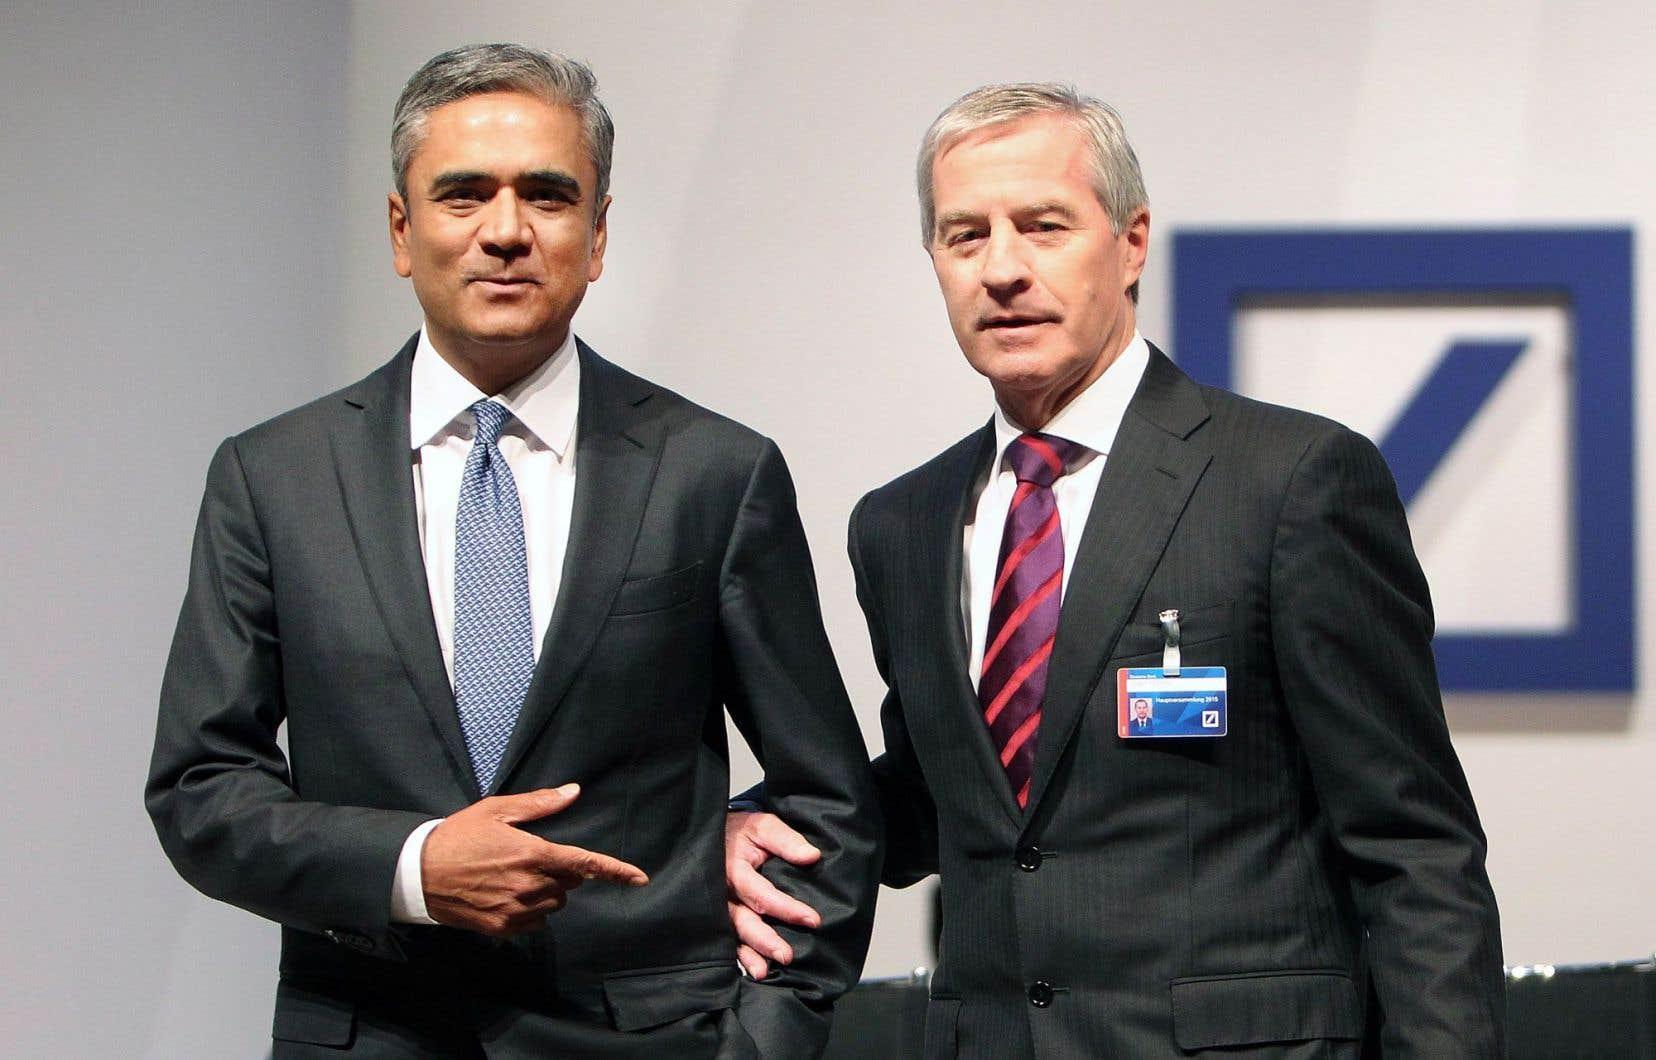 Anshu Jain et Jürgen Fitschen sont les deux derniers banquiers à avoir démissionné de leur poste, la Deutsche Bank qu'ils dirigeaient étant impliquée dans environ 6000 litiges.